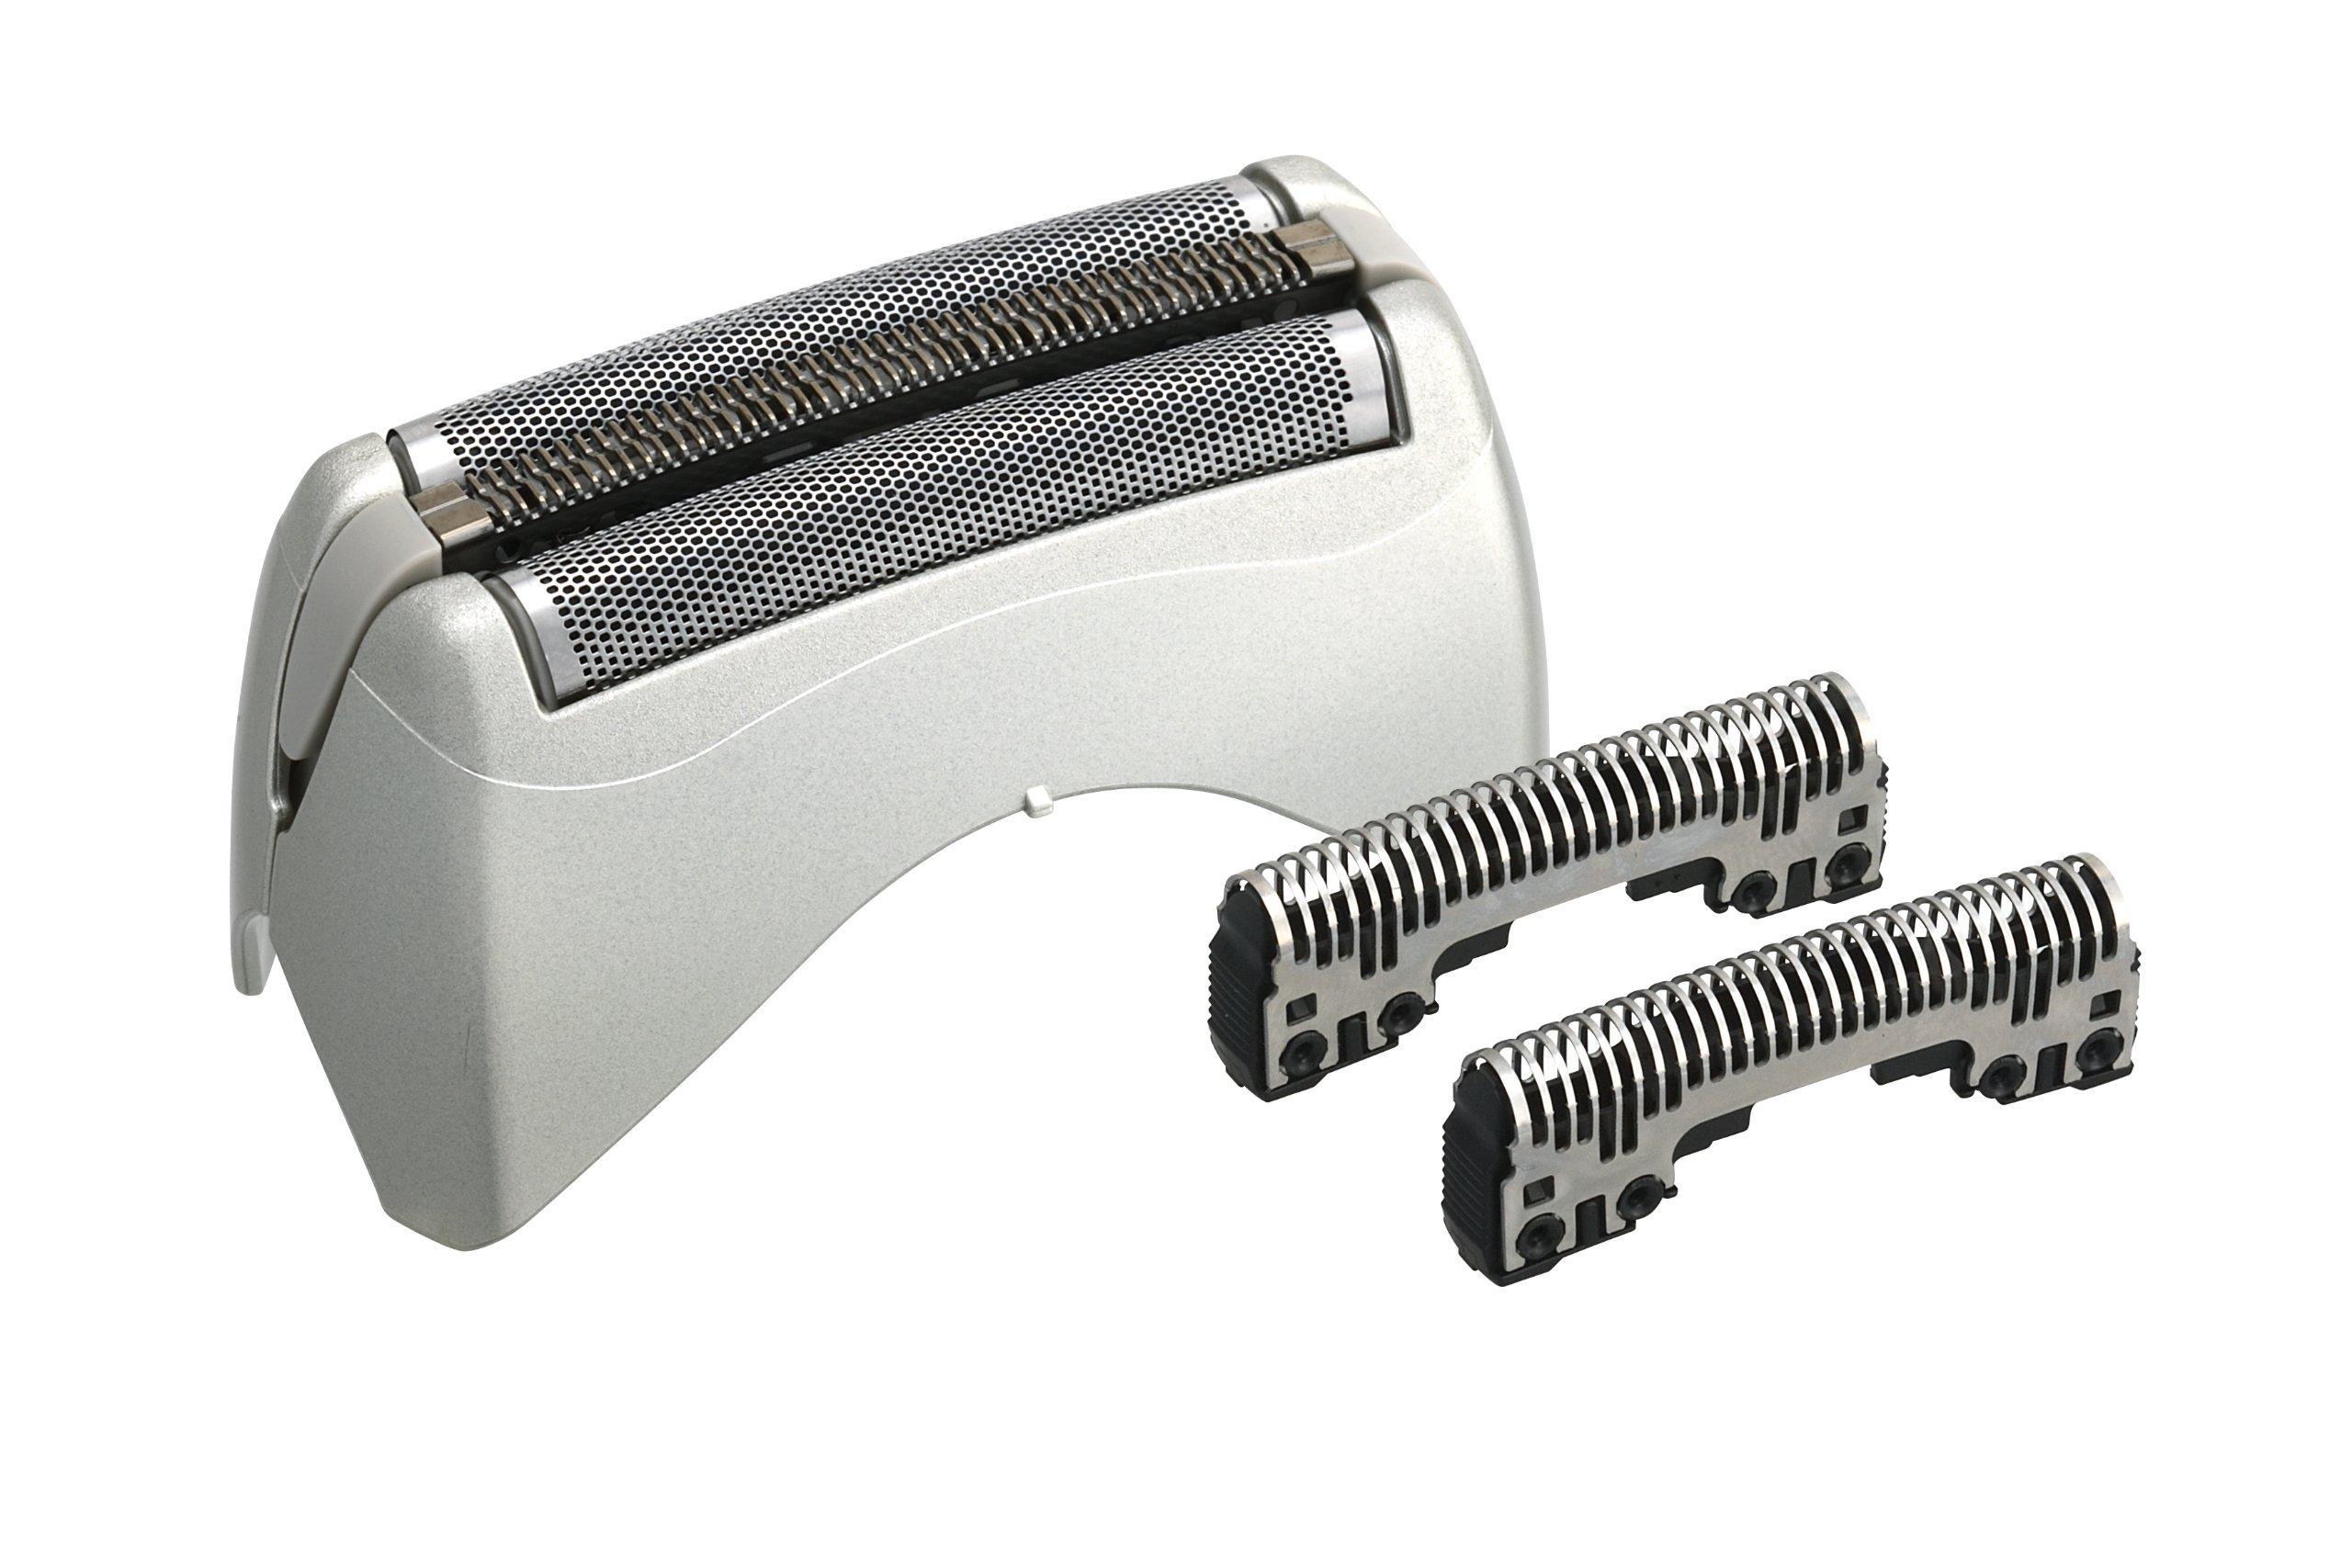 Panasonic WES9011PC Men's Electric Razor